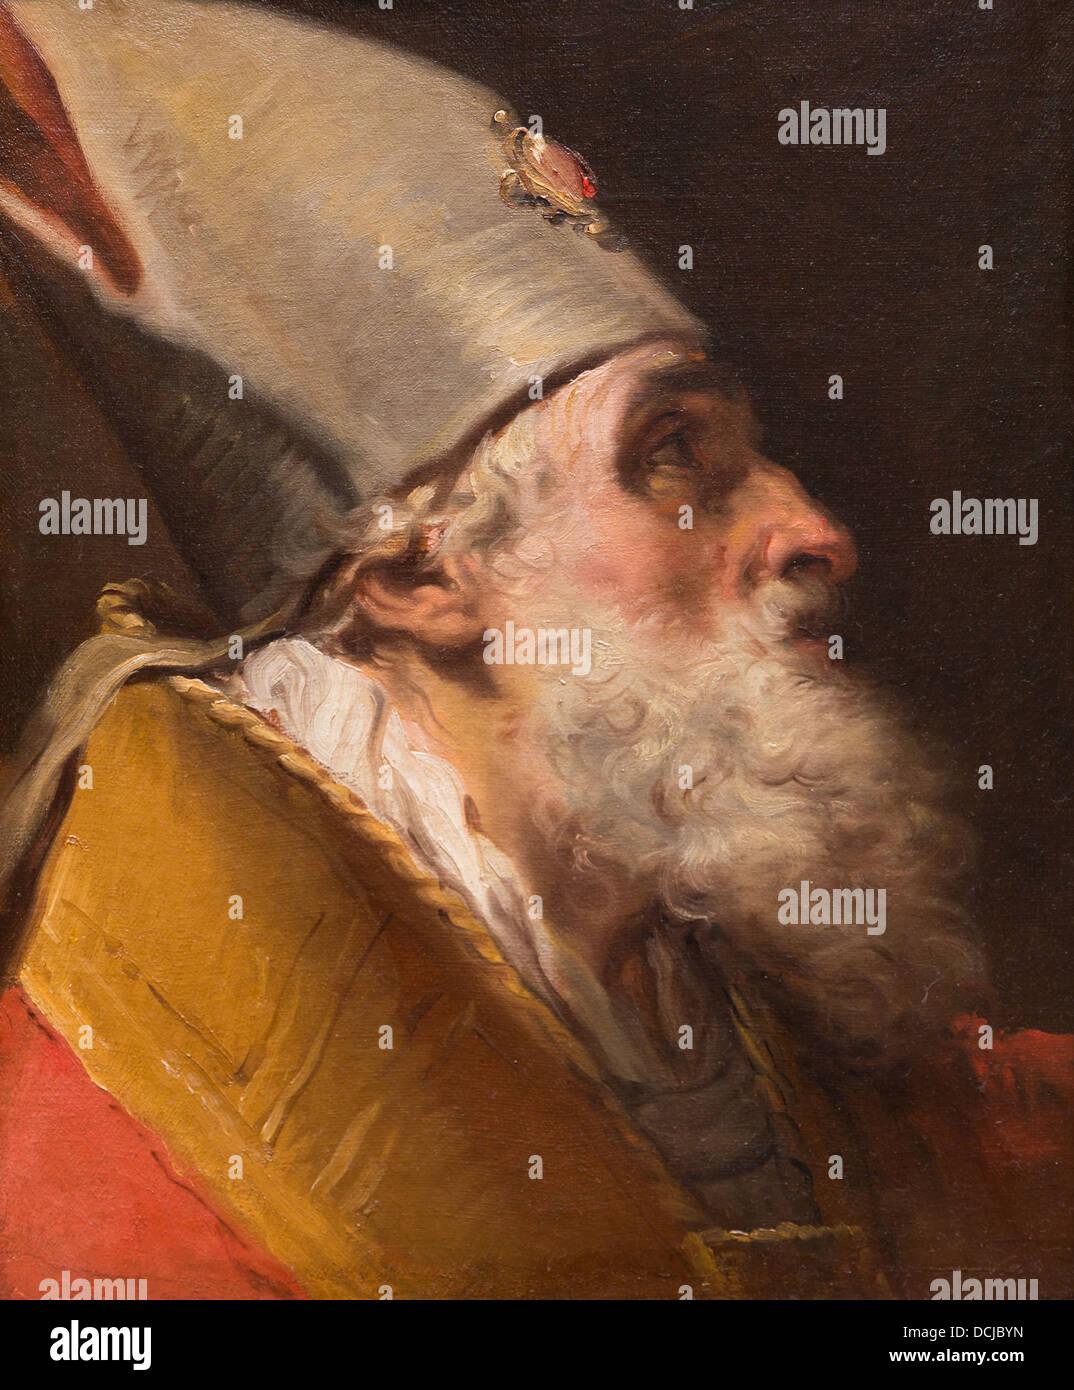 Il XVIII secolo - testa di un Vescovo, 1770 - Gaetano Gandolfi Philippe Sauvan-Magnet / Museo attivo Immagini Stock